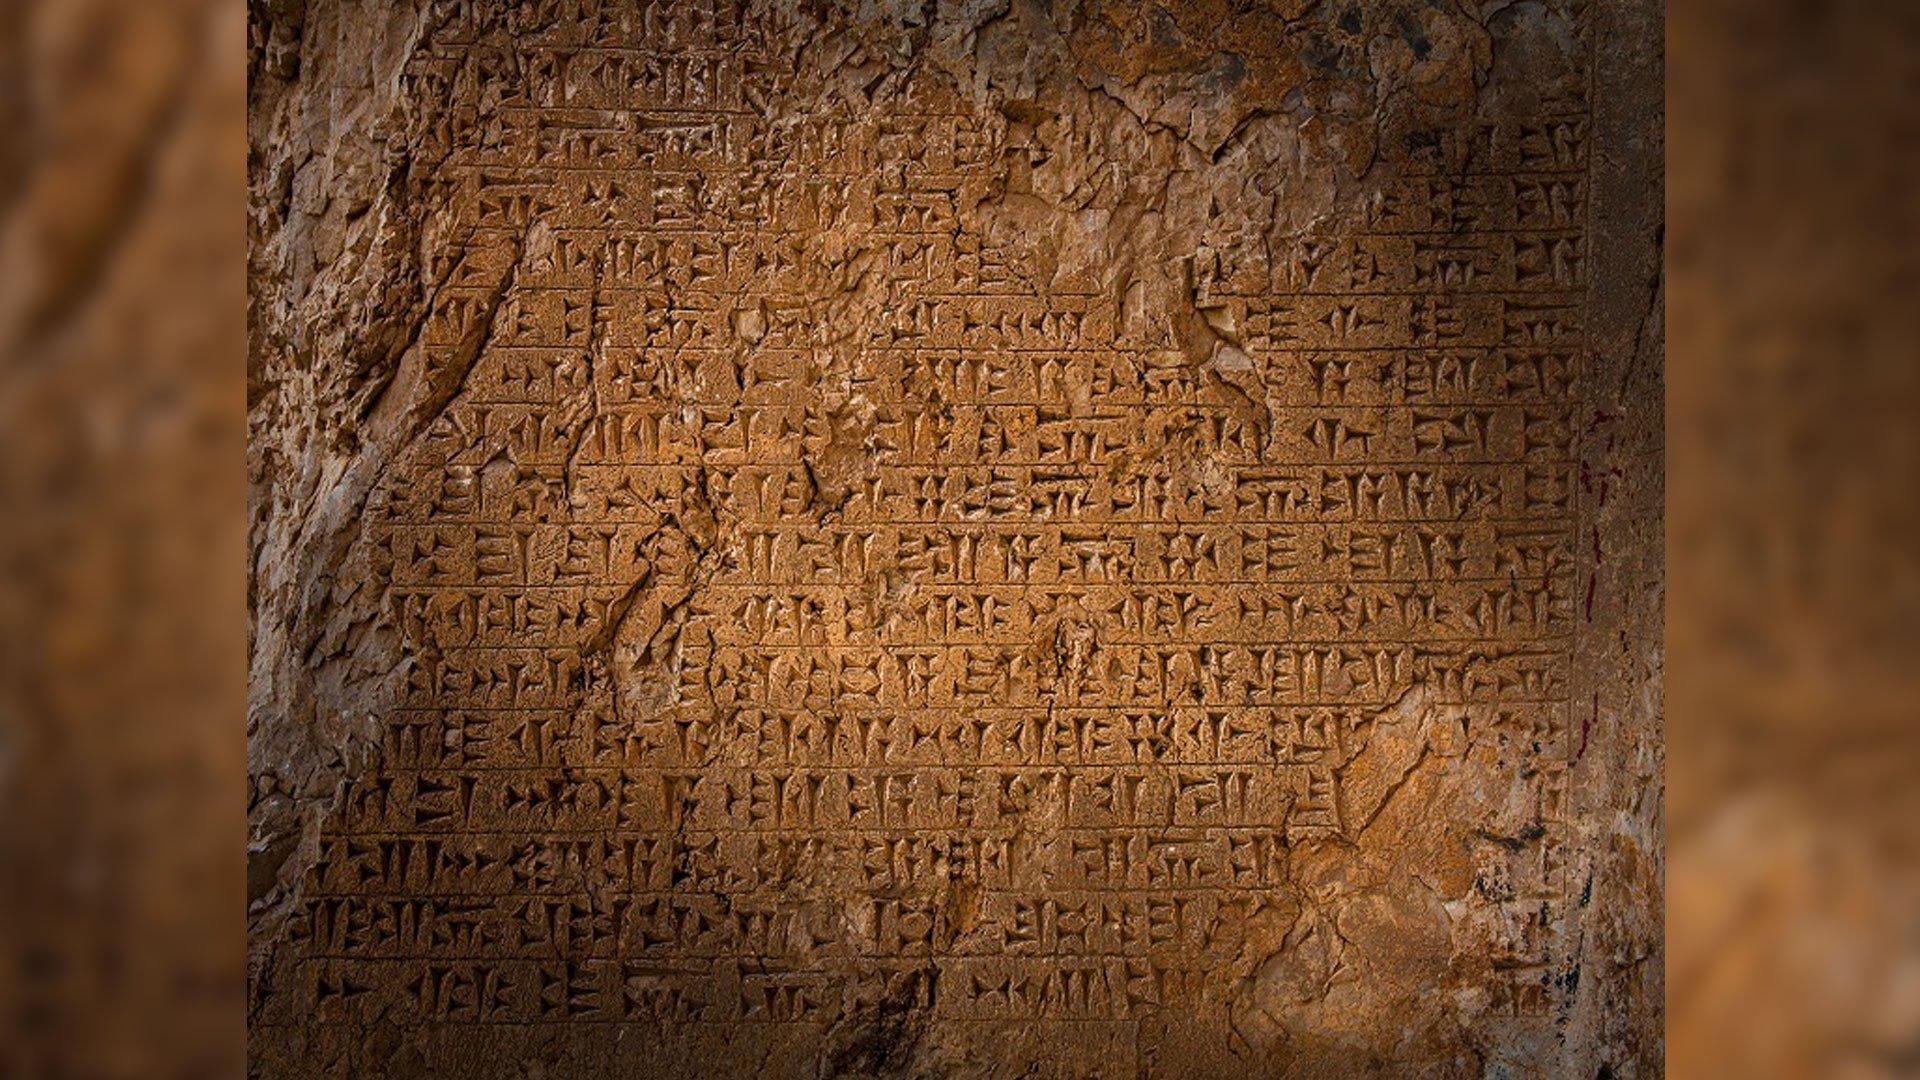 Esta tableta de 4.000 años revela las ubicaciones de 11 ciudades perdidas de la antigüedad